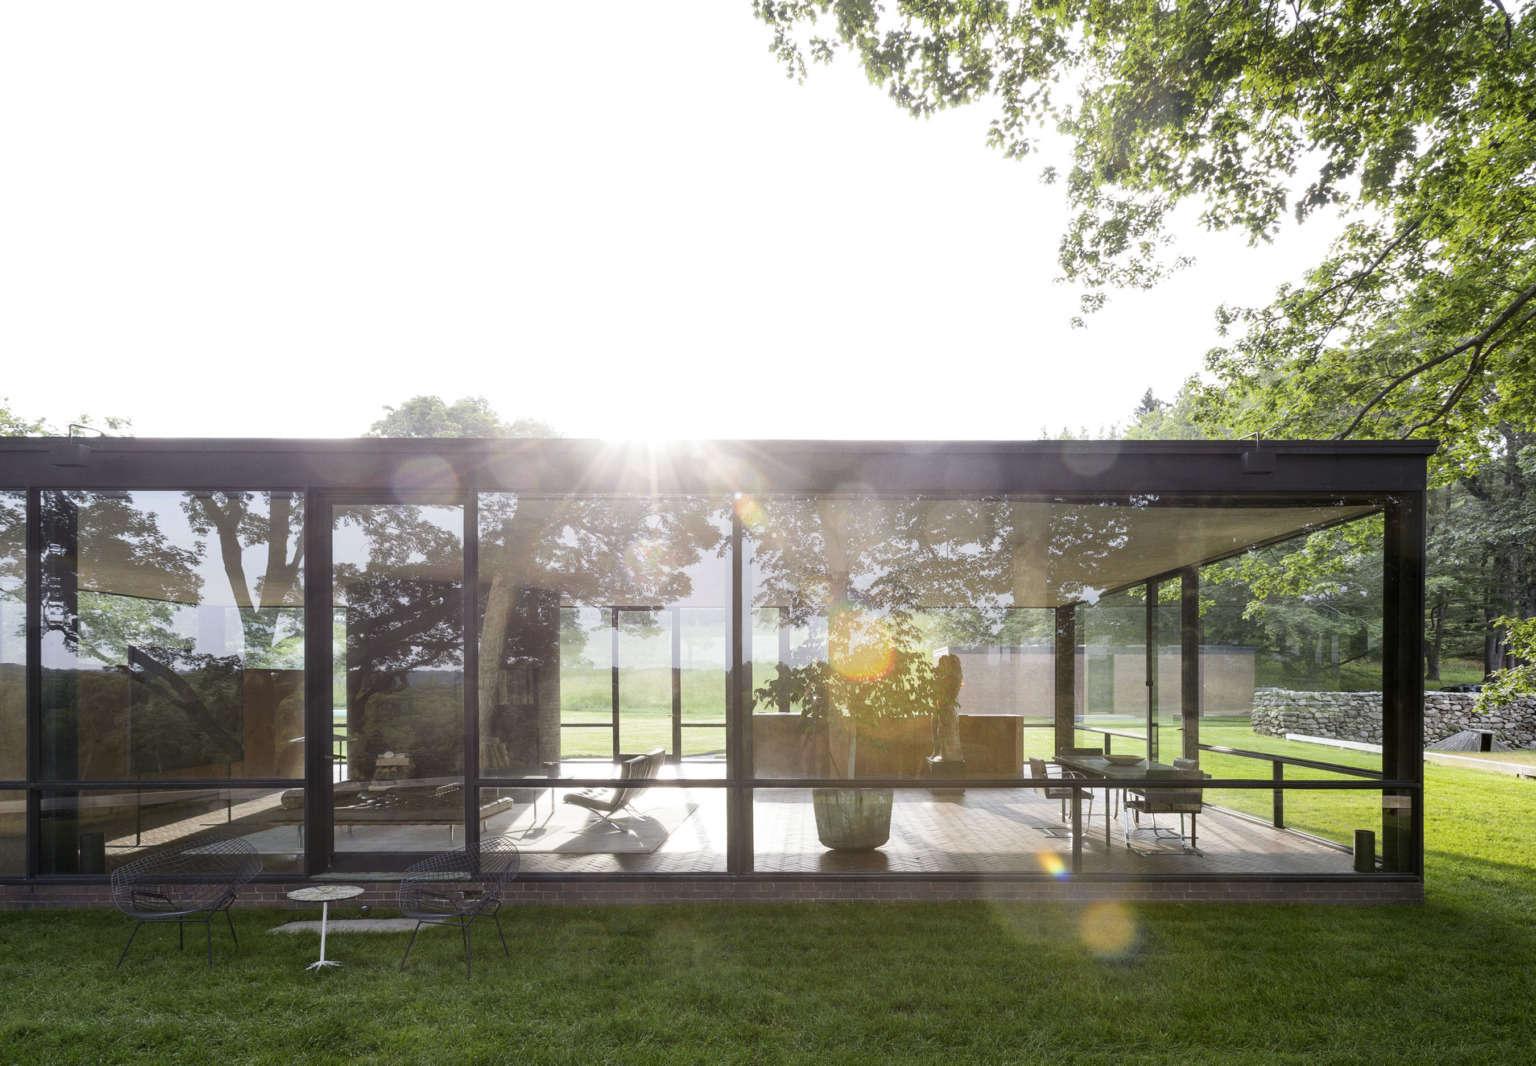 glass house windows facade philip johnson ouse garden matthew williams gardenista 1536x1066